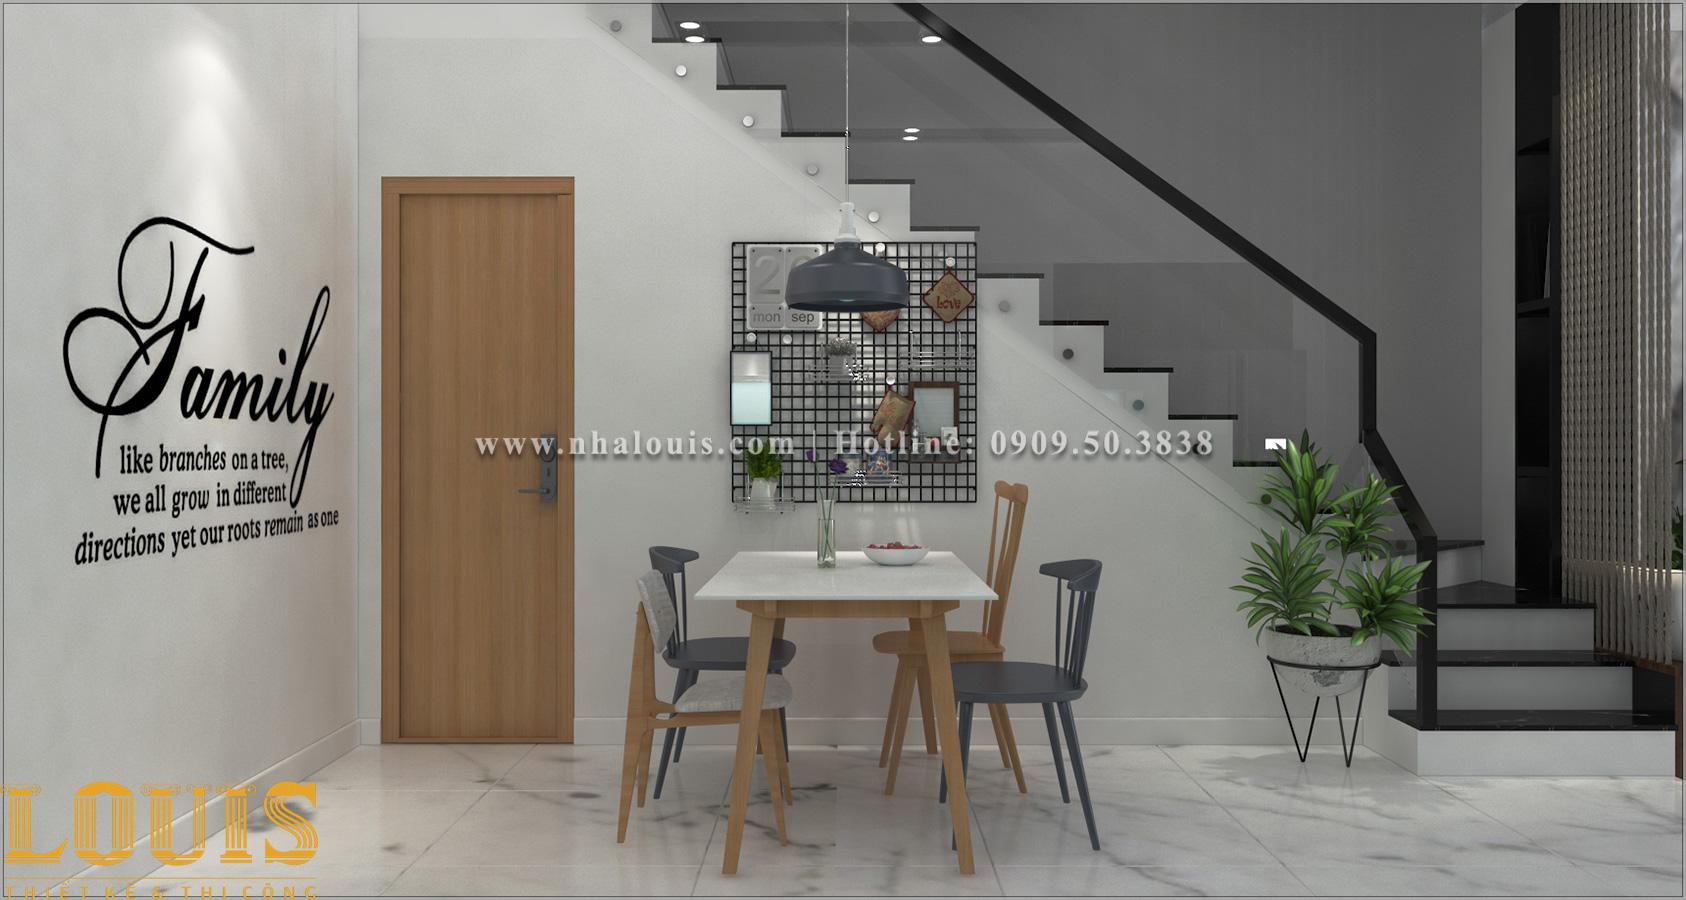 Bếp và phòng ăn Mẫu nhà ống 3 tầng đẹp tại Long An thiết kế theo xu hướng mới - 08